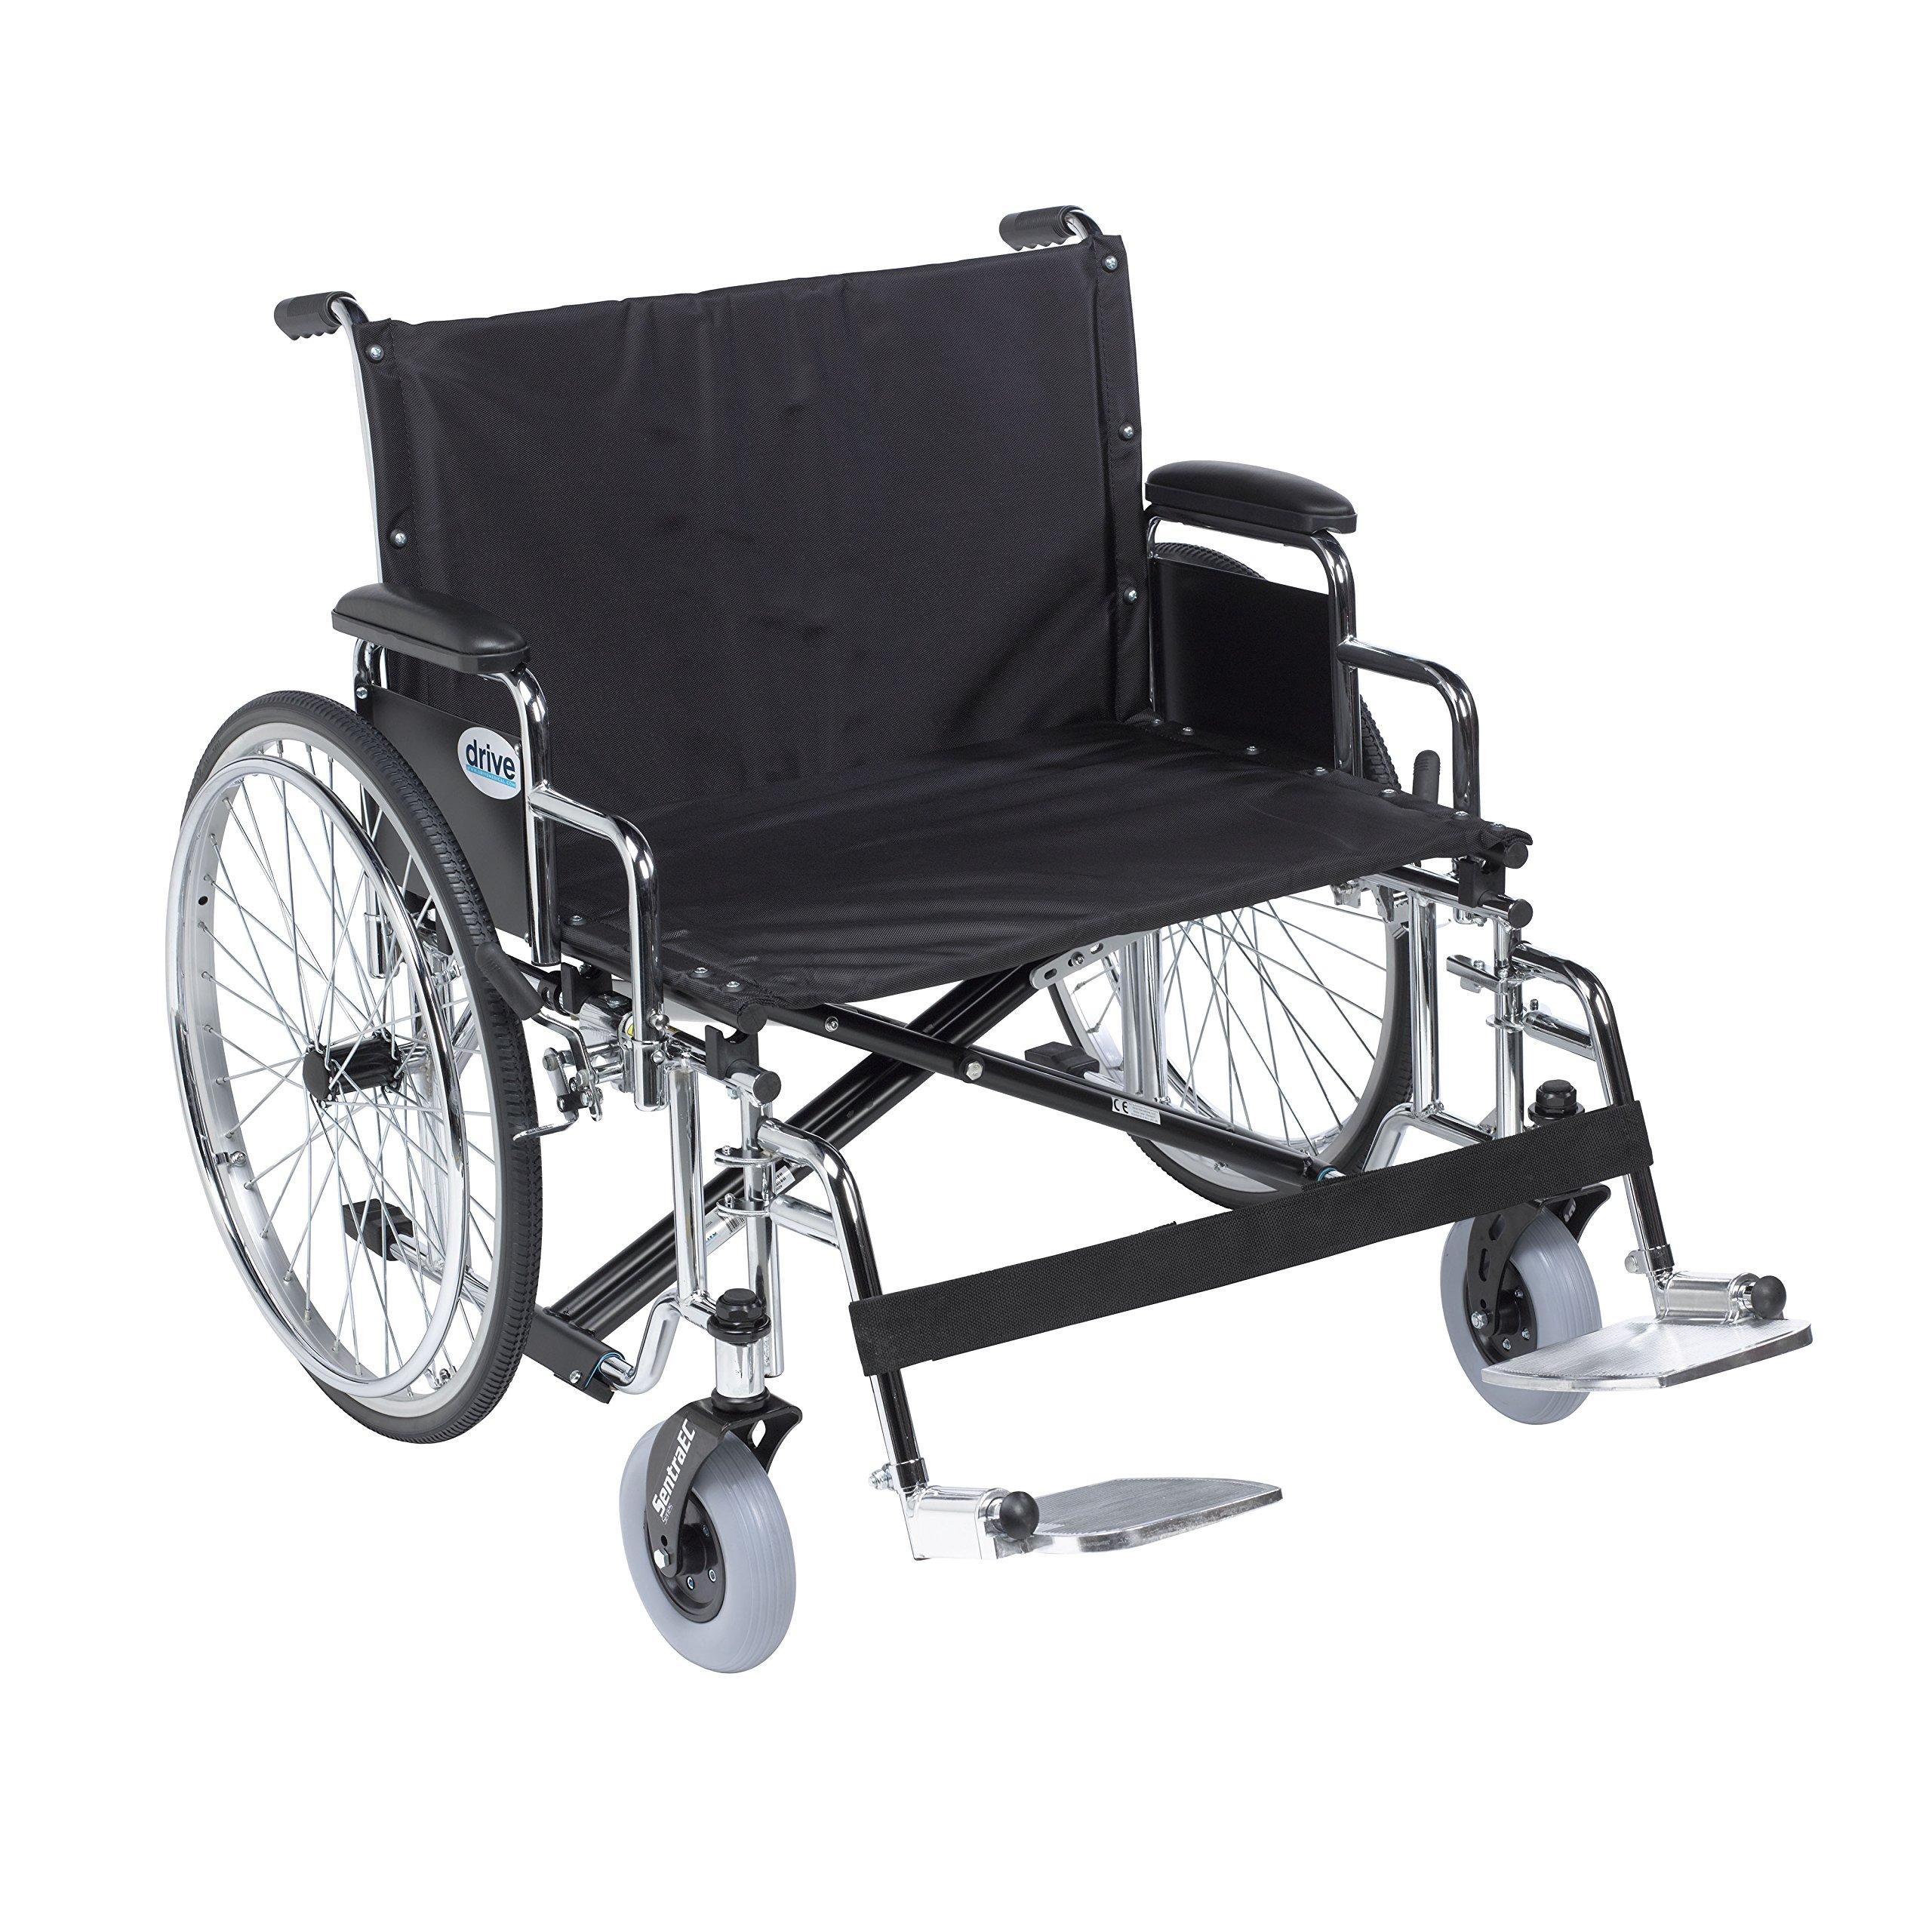 Drive Medical STD28ECDDA-SF Sentra Ec Heavy Duty Extra-Extra-Wide Wheelchair, Black